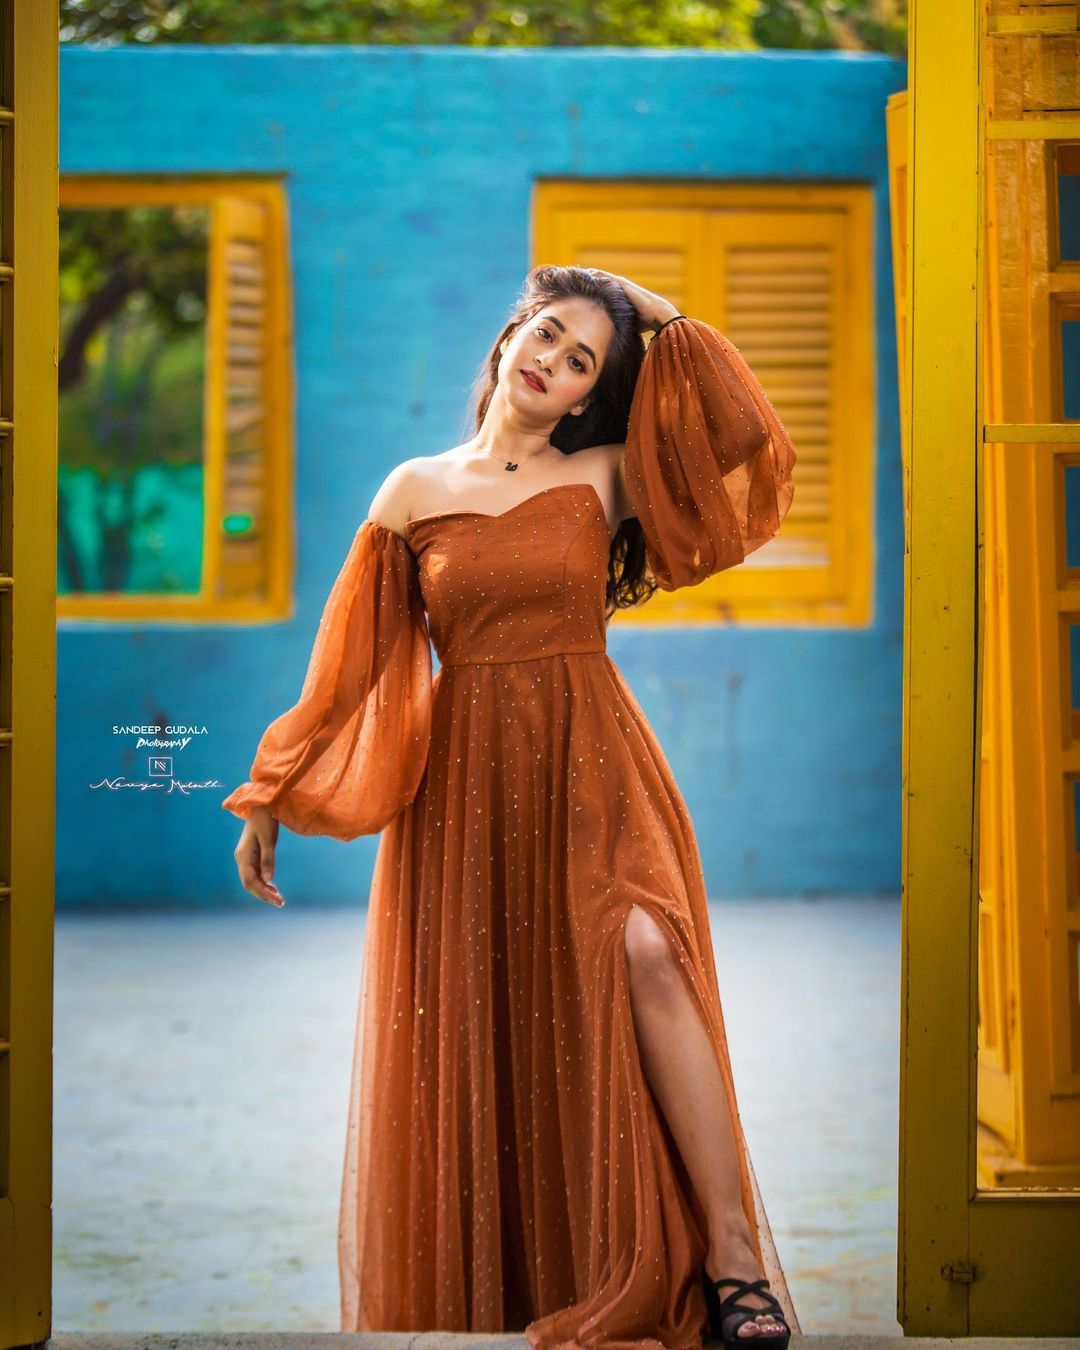 రెడ్ డ్రెస్లో కేక పెట్టిస్తోన్న దీప్తి సునయన. Photo: Deepthi Sunaina Instagram